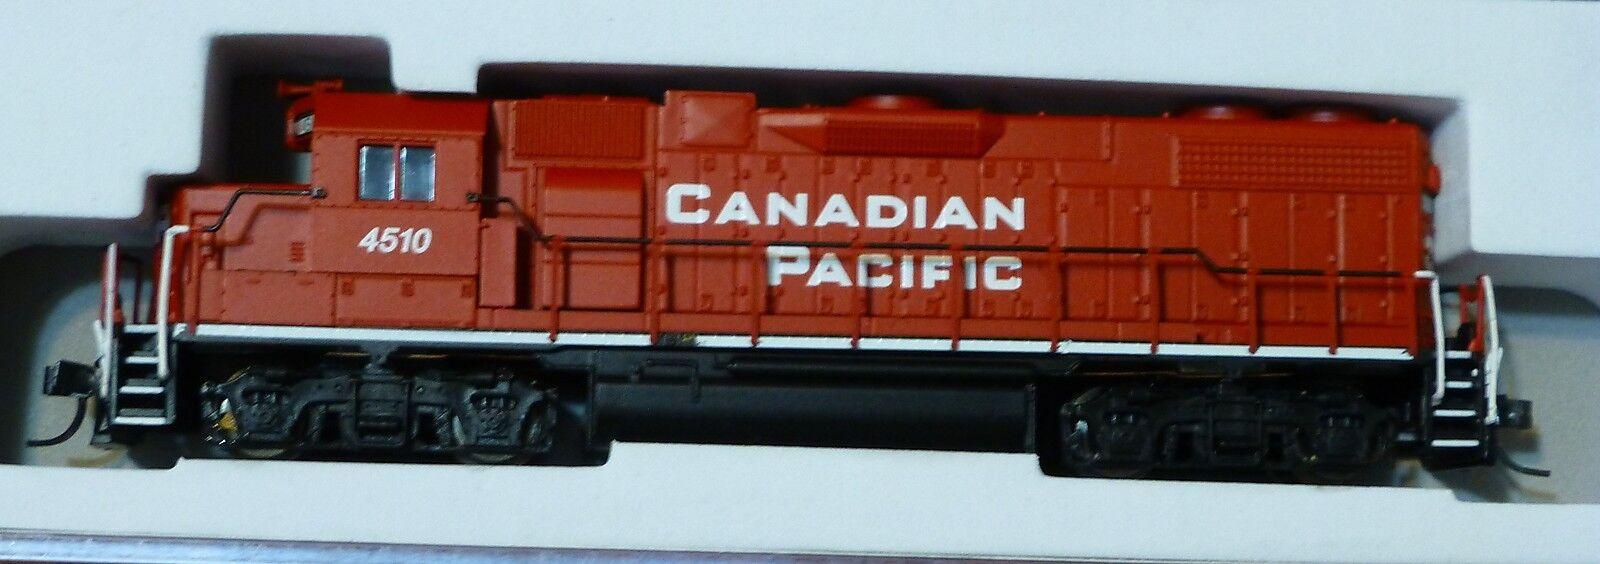 Atlas N   40000606 Emd Gp38-2 w dynamic Frenos-Estándar Dc-Canadian Pacific